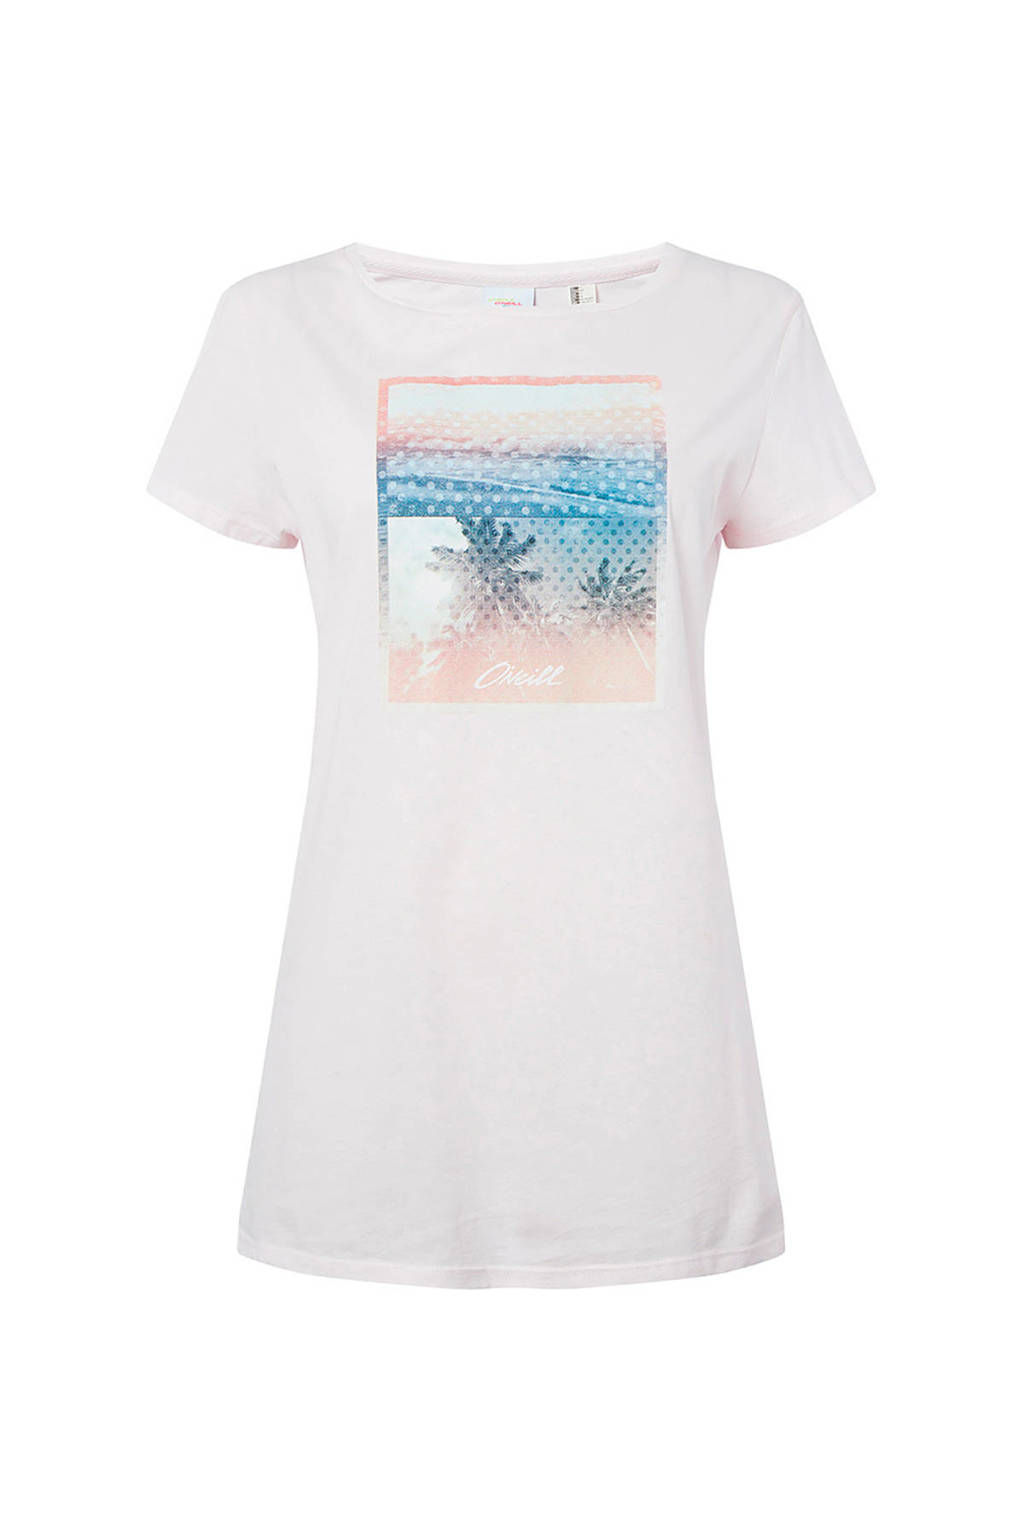 O'Neill T-shirt met printopdruk lichtroze, Lichtroze